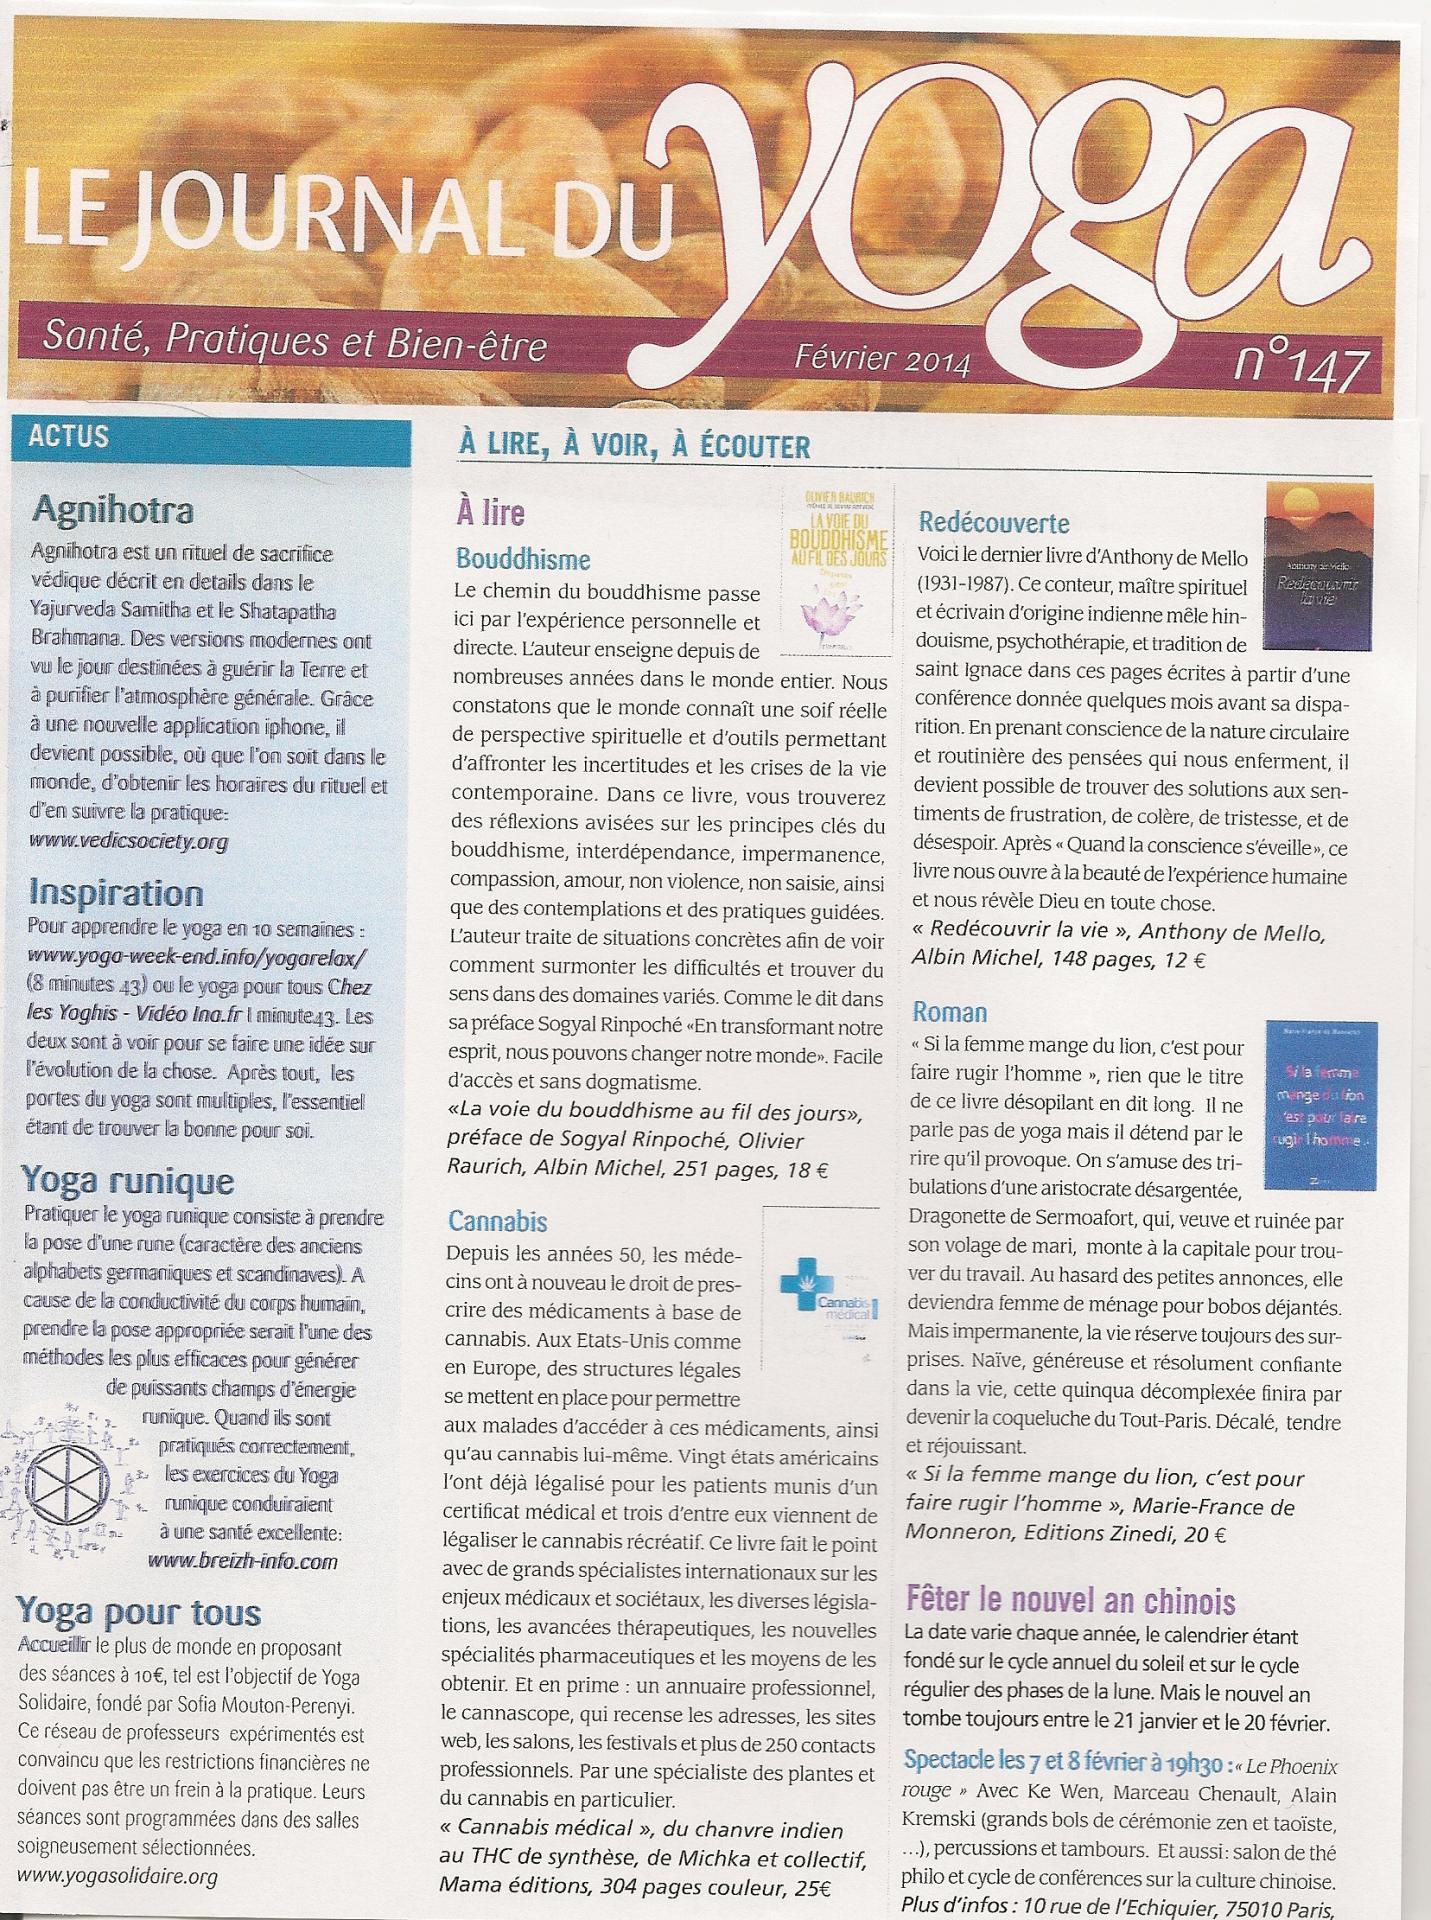 Le Journal du Yoga Février 2014